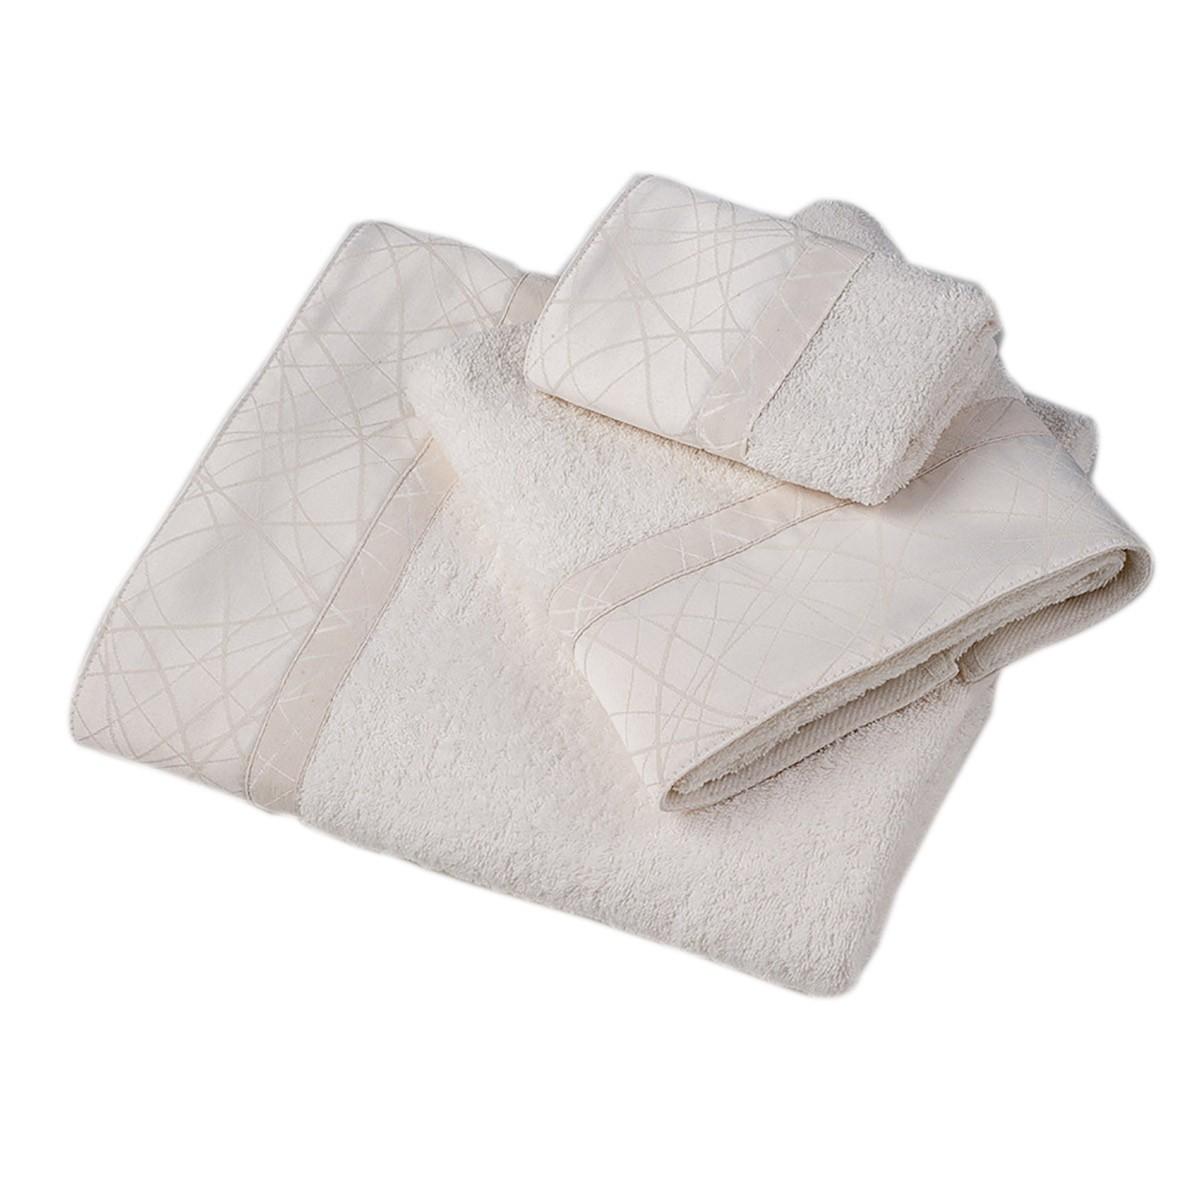 Πετσέτες Μπάνιου (Σετ 3τμχ) Omega Home Des 101